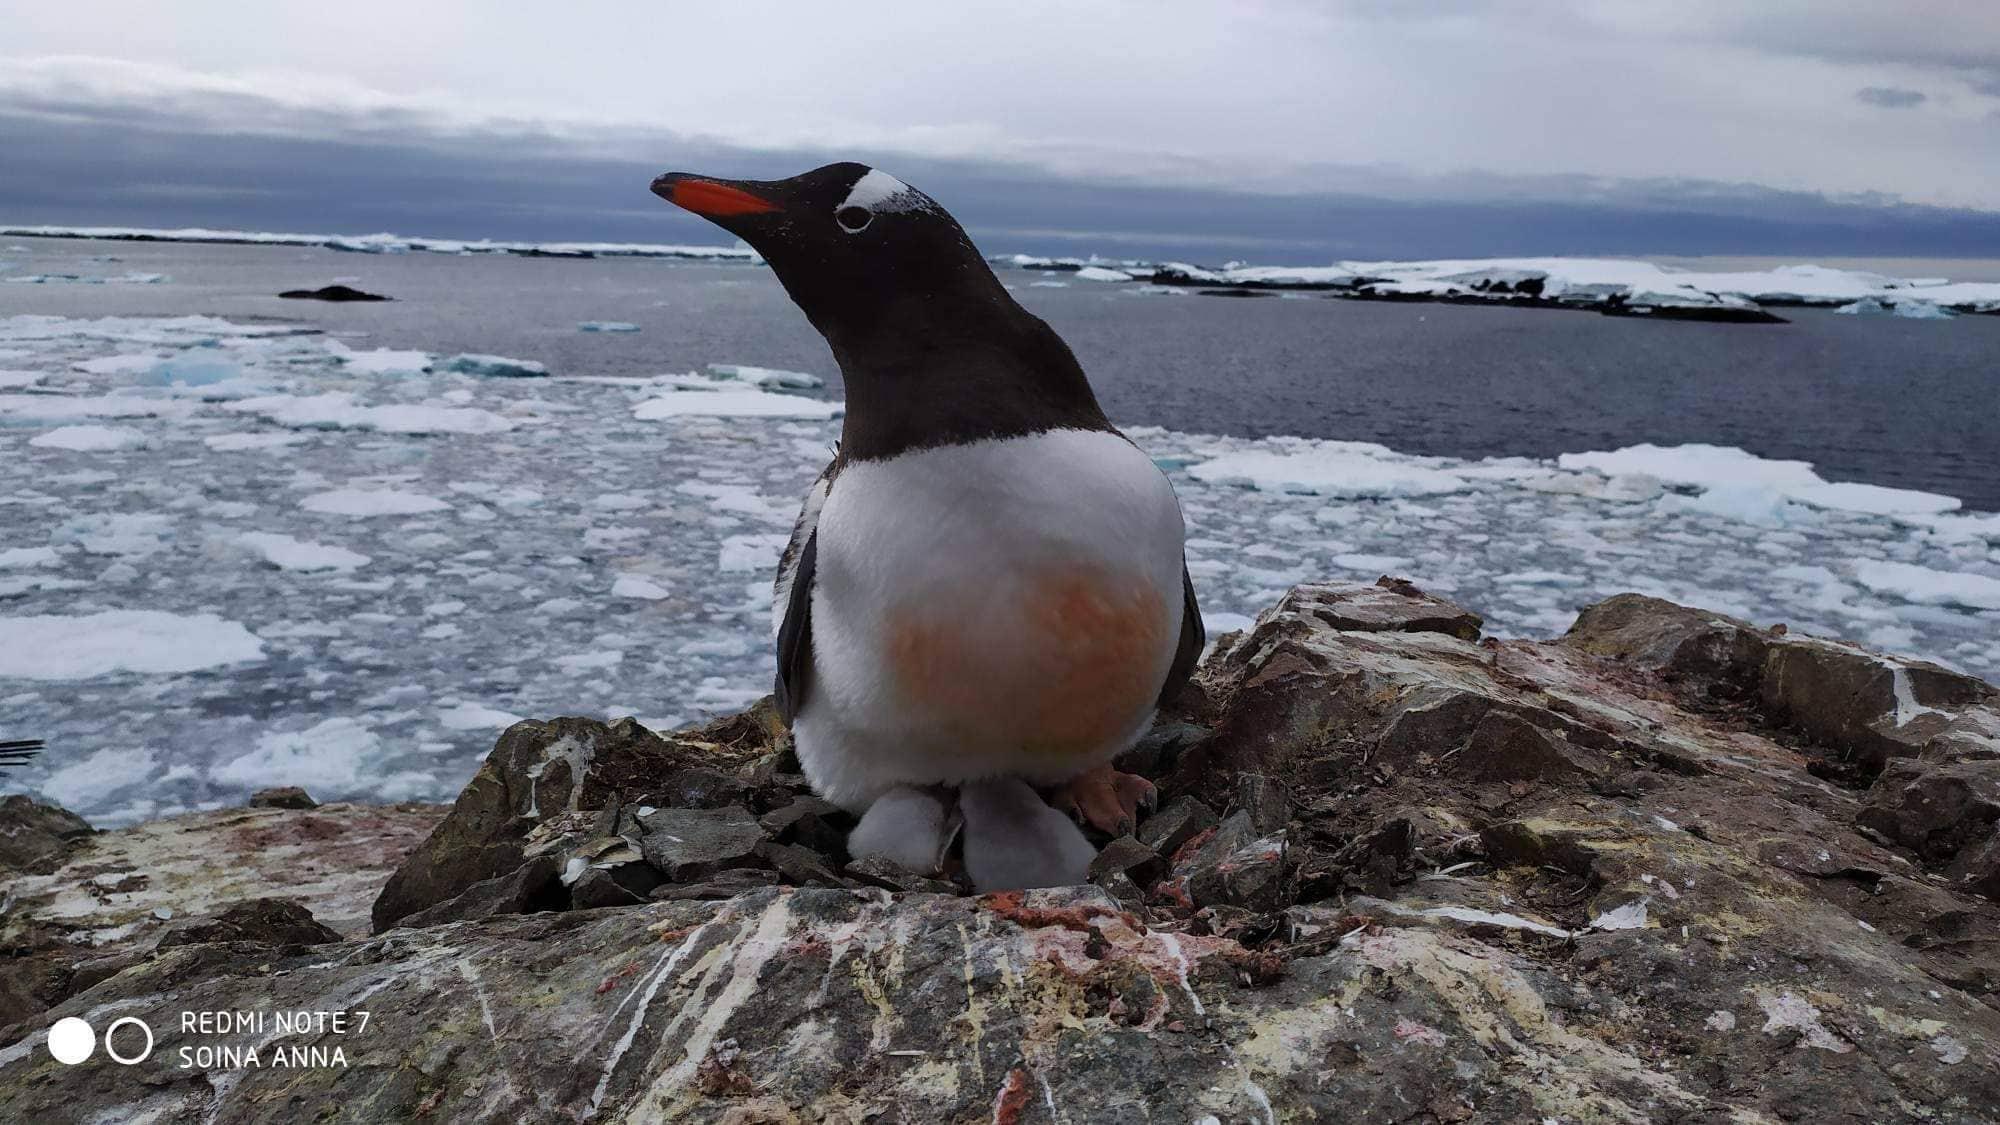 Возле украинской арктической станции вылупились первые пингвинята. Они ужасно милые